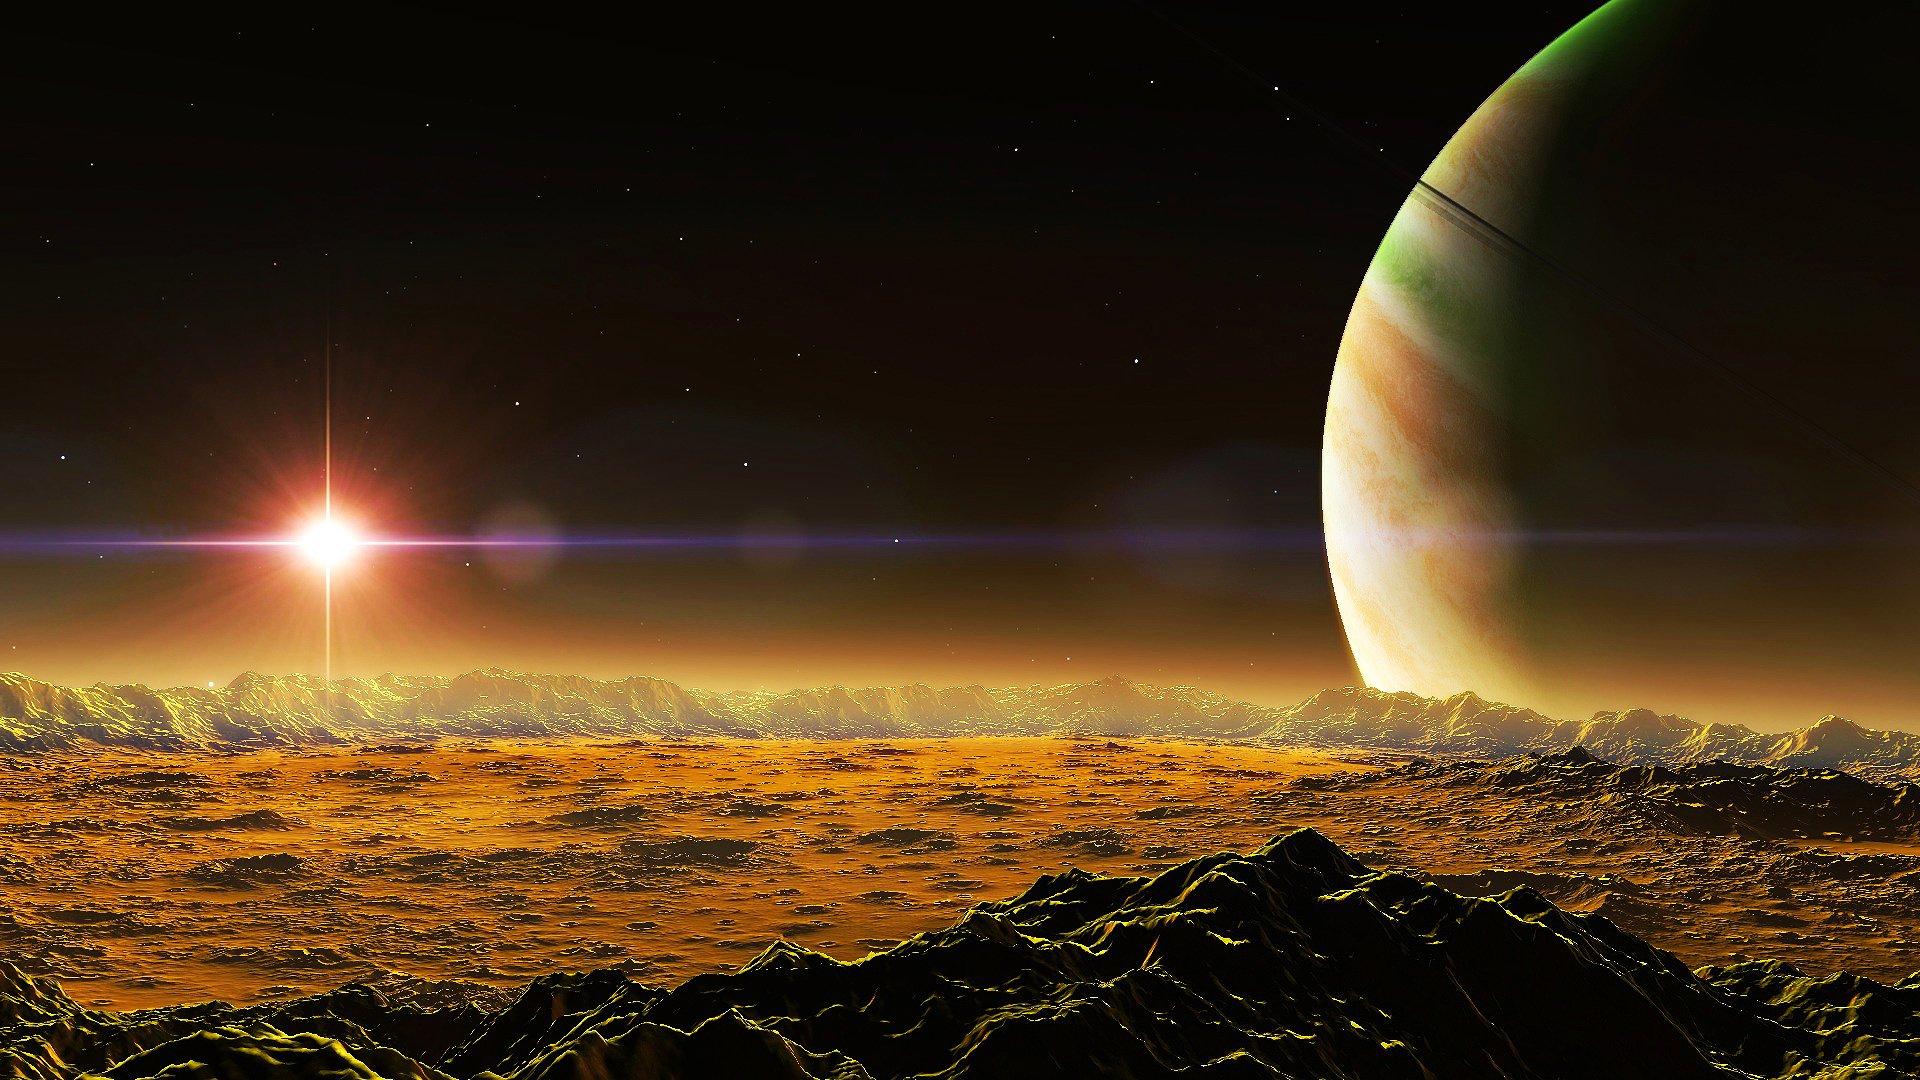 ящерицы самые картинки звезд планет статуи